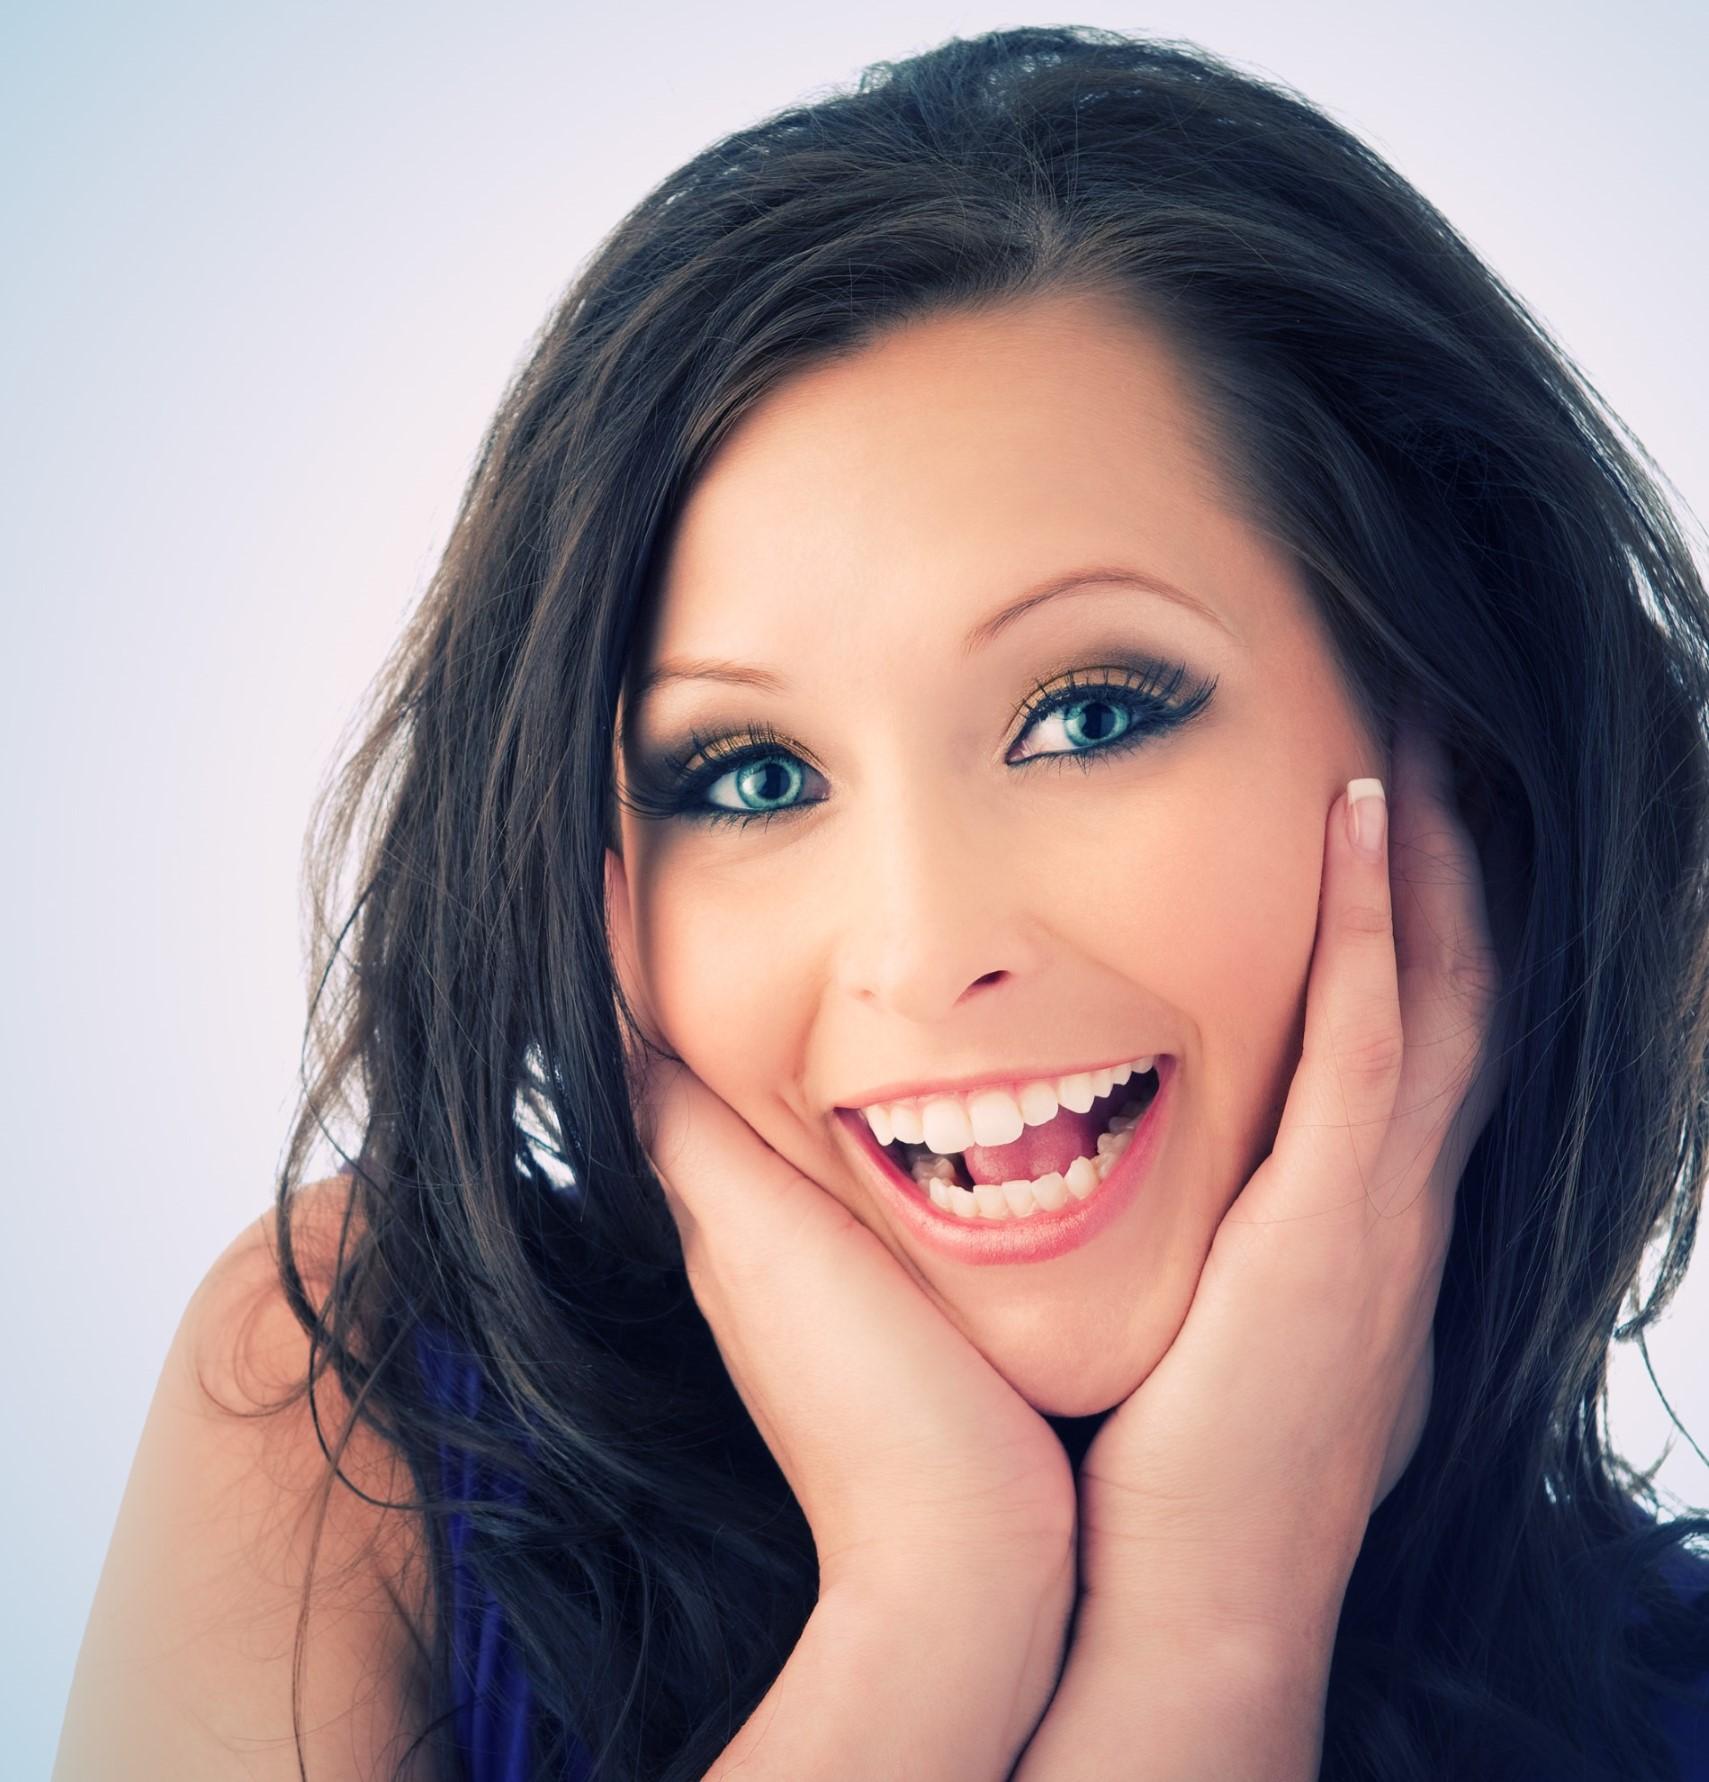 10x voedsel voor wittere tanden